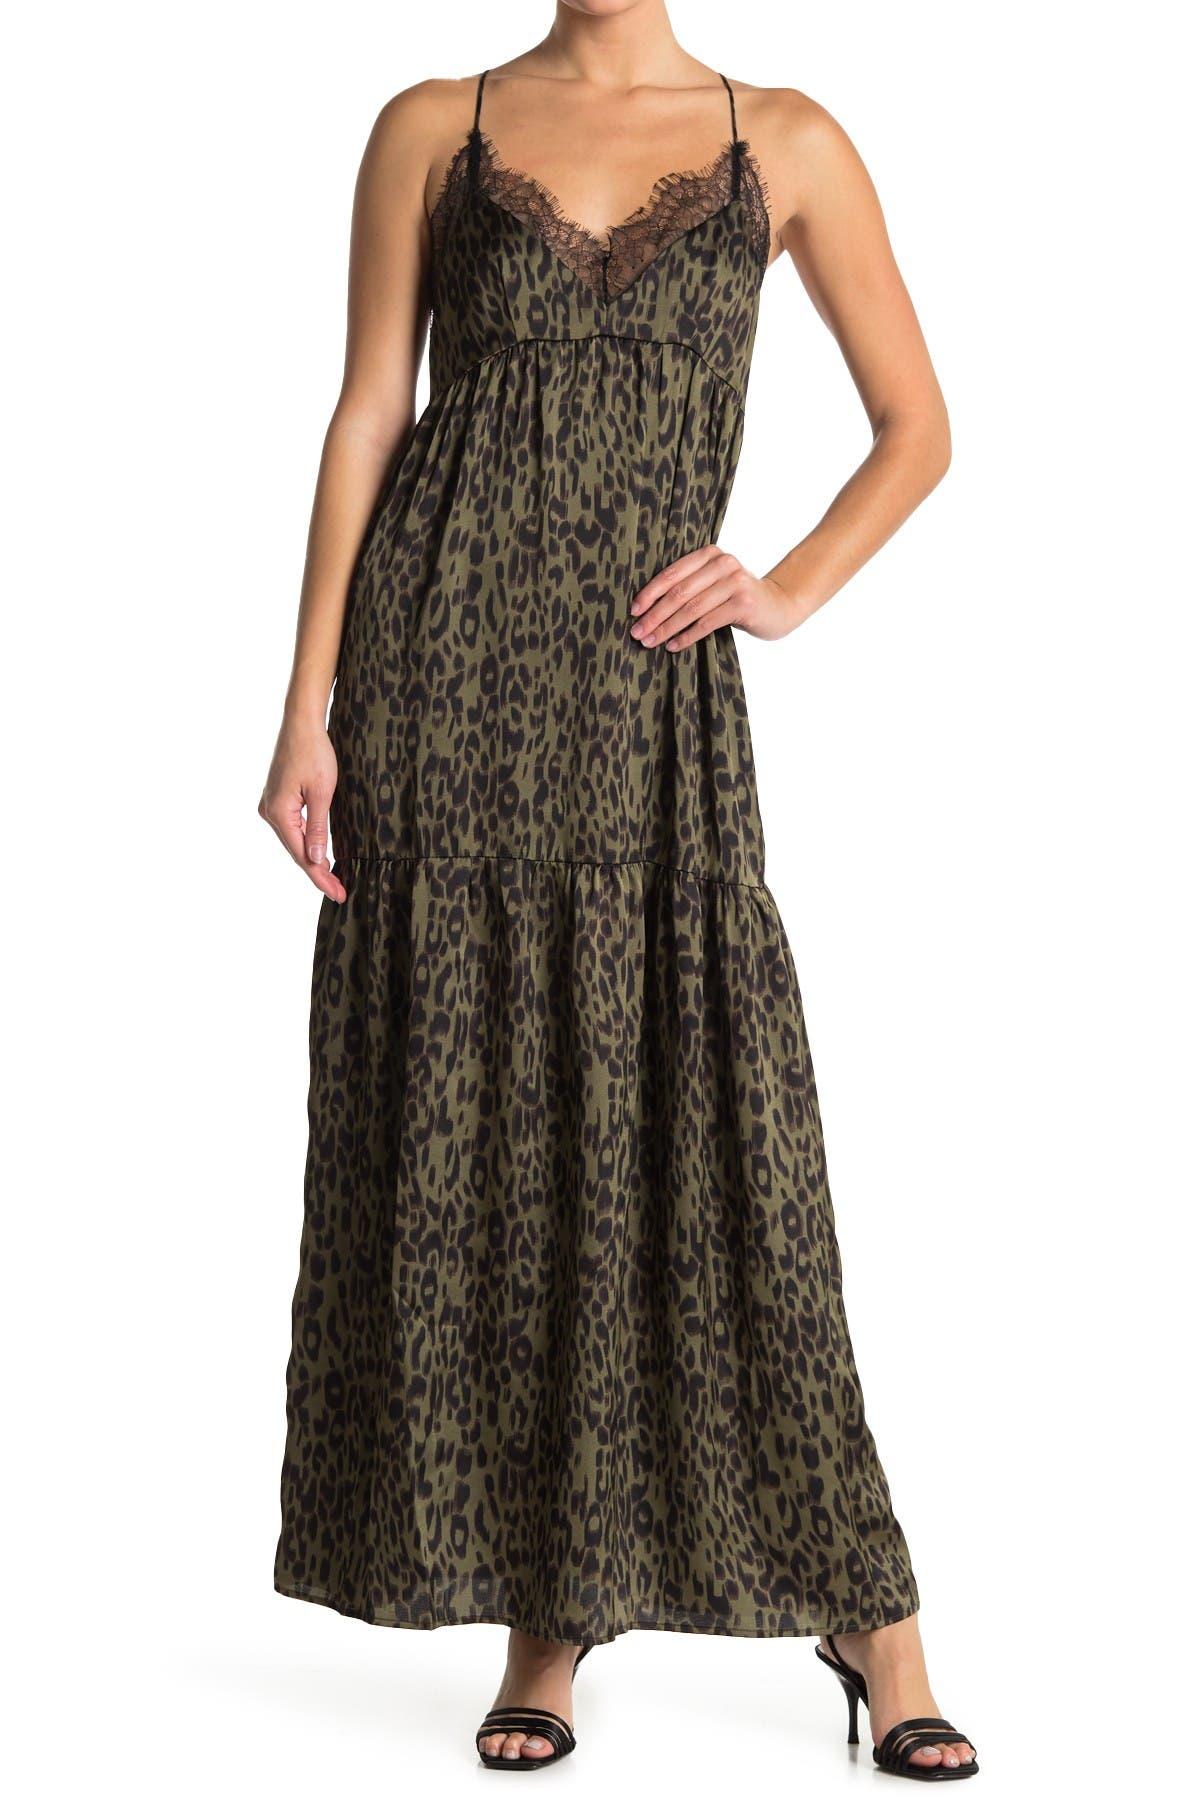 Image of Love Stitch Leopard Print Maxi Dress